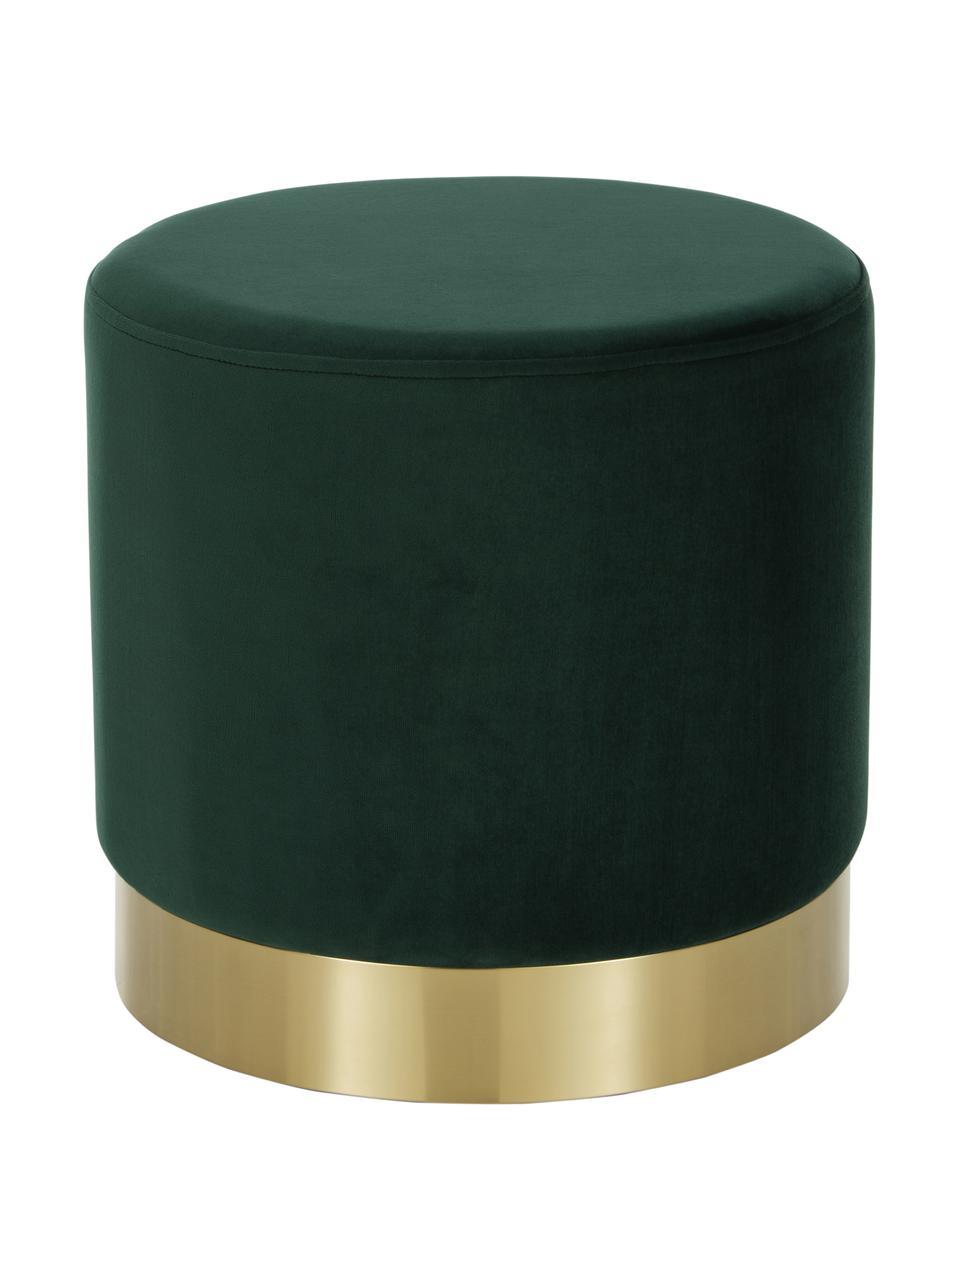 Fluwelen poef Orchid in groen, Bekleding: fluweel (100% polyester), Frame: karton, multiplex, Voet: gecoat metaal, Bekleding: lichtgroen. Voet: goudkleurig, Ø 38 x H 38 cm